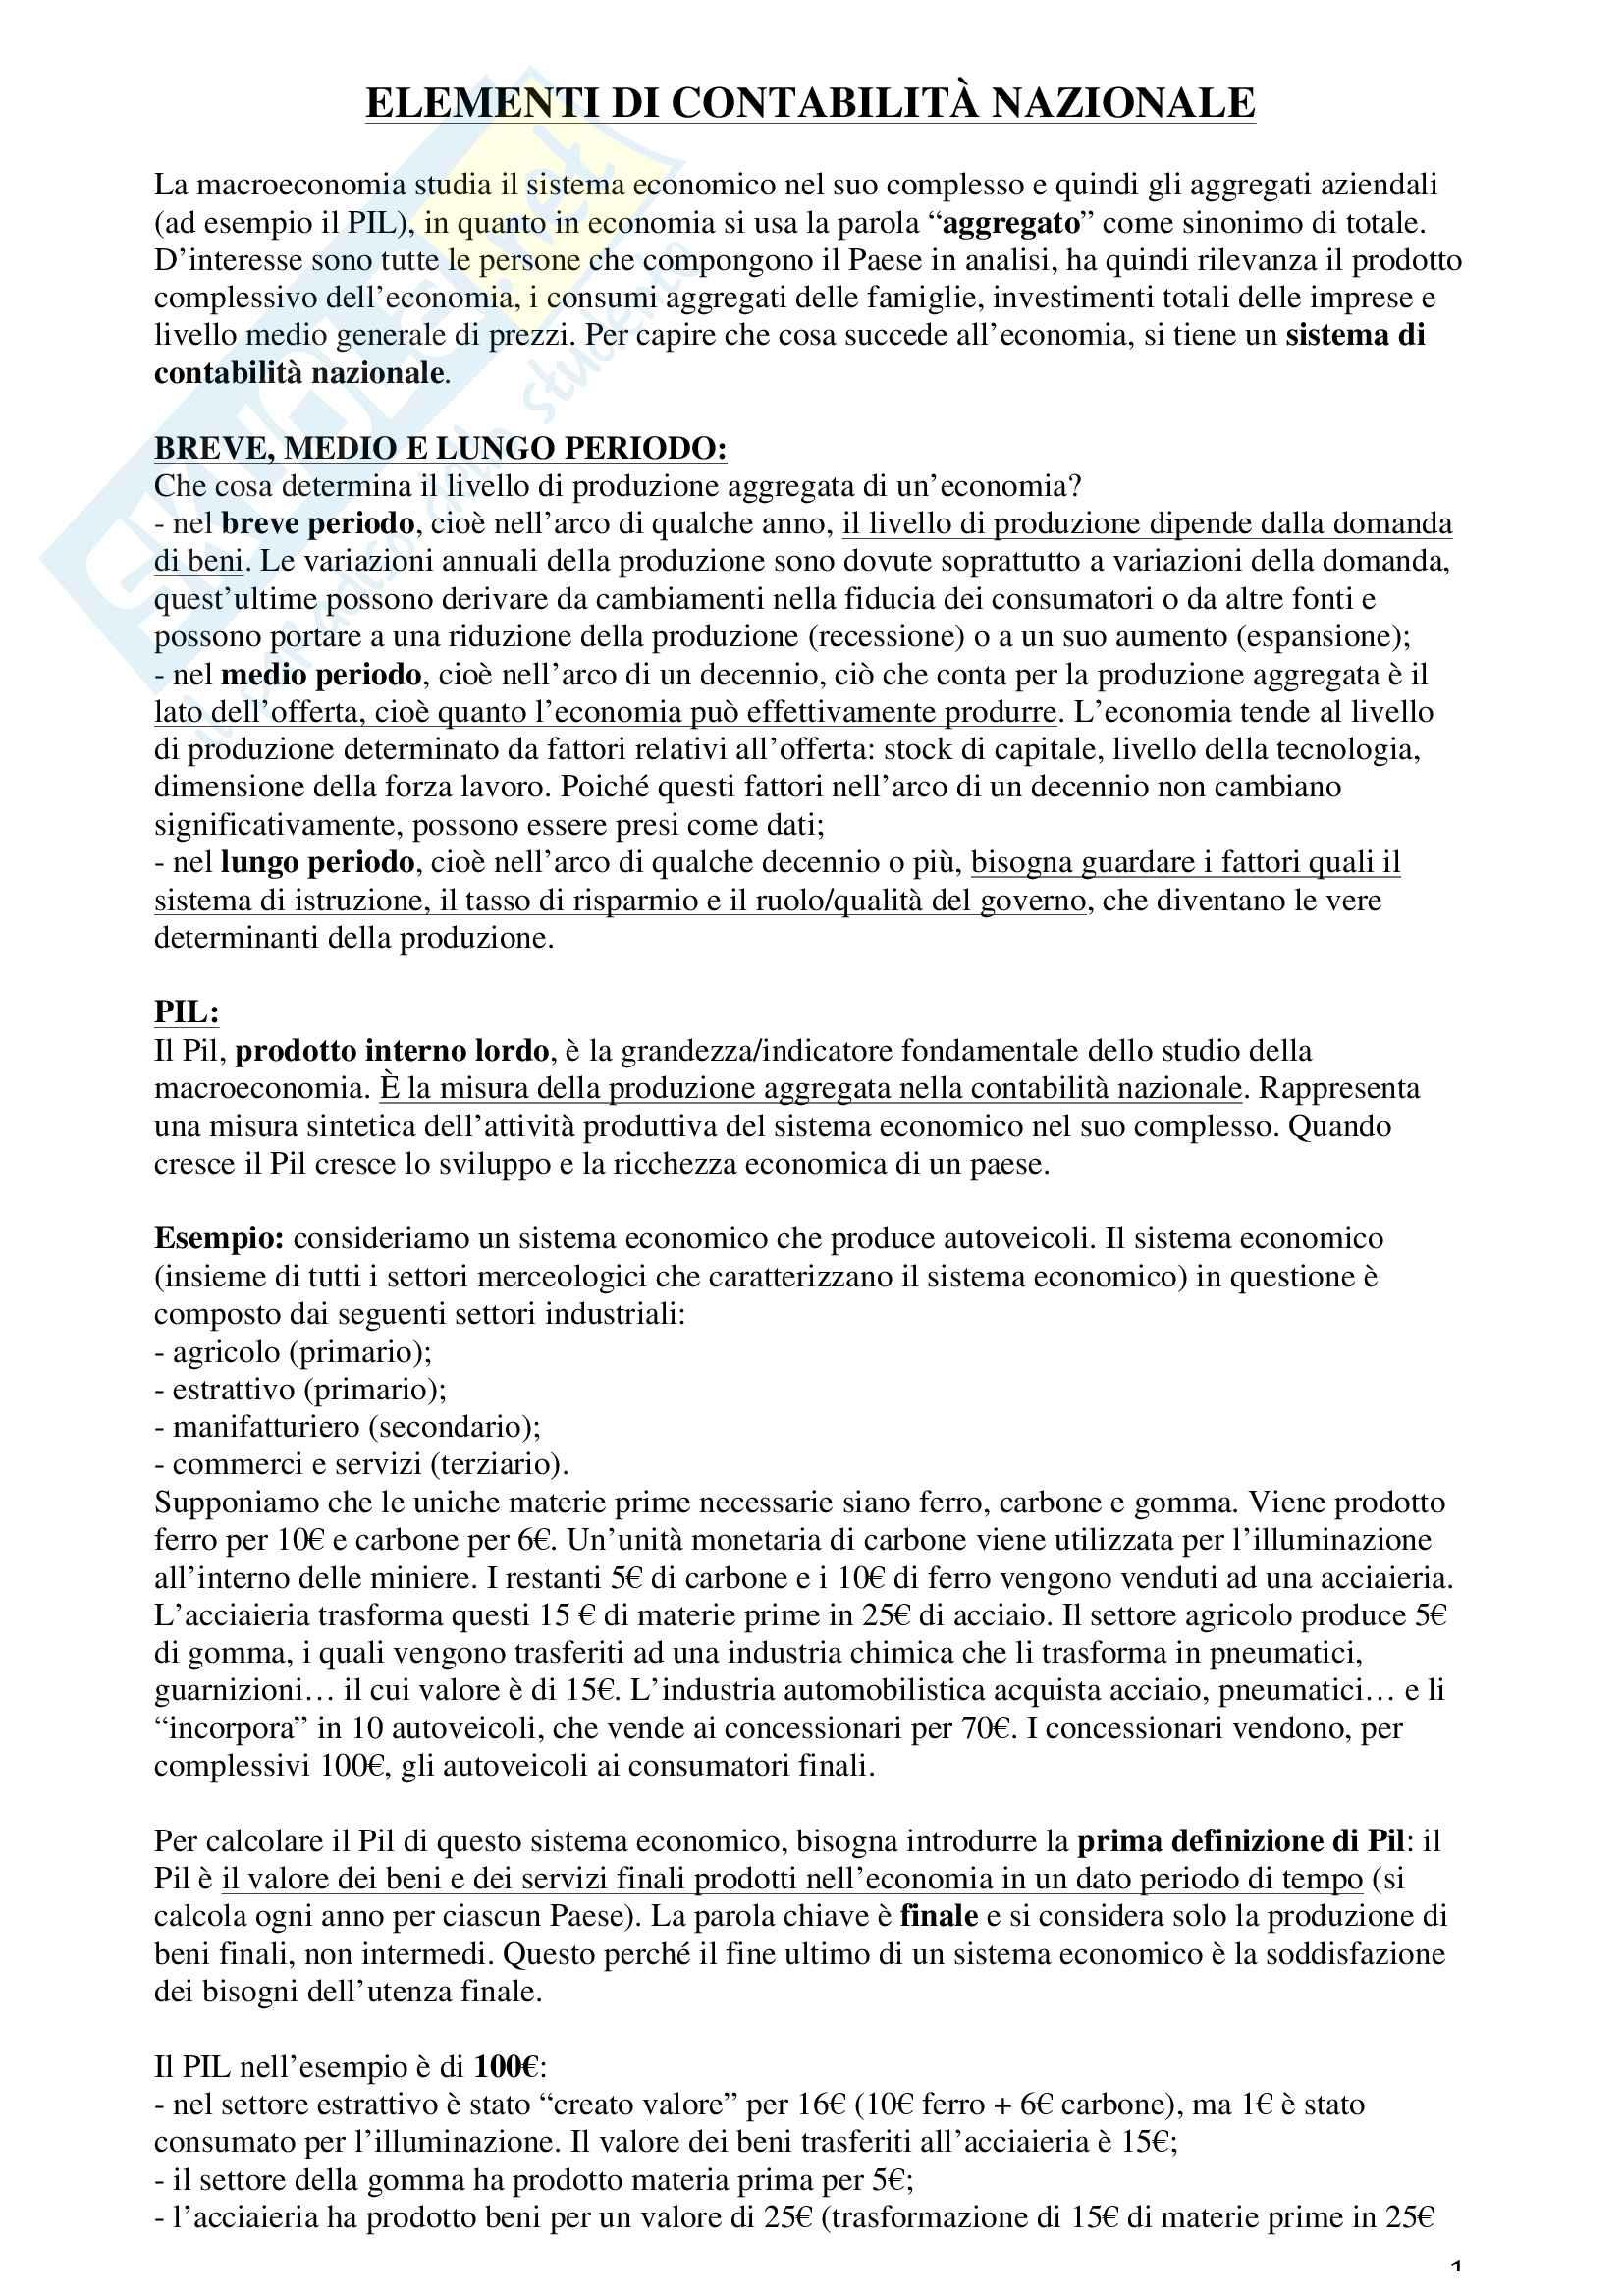 Riassunto esame macroeconomia, prof. Piccirilli, libro consigliato Blanchard